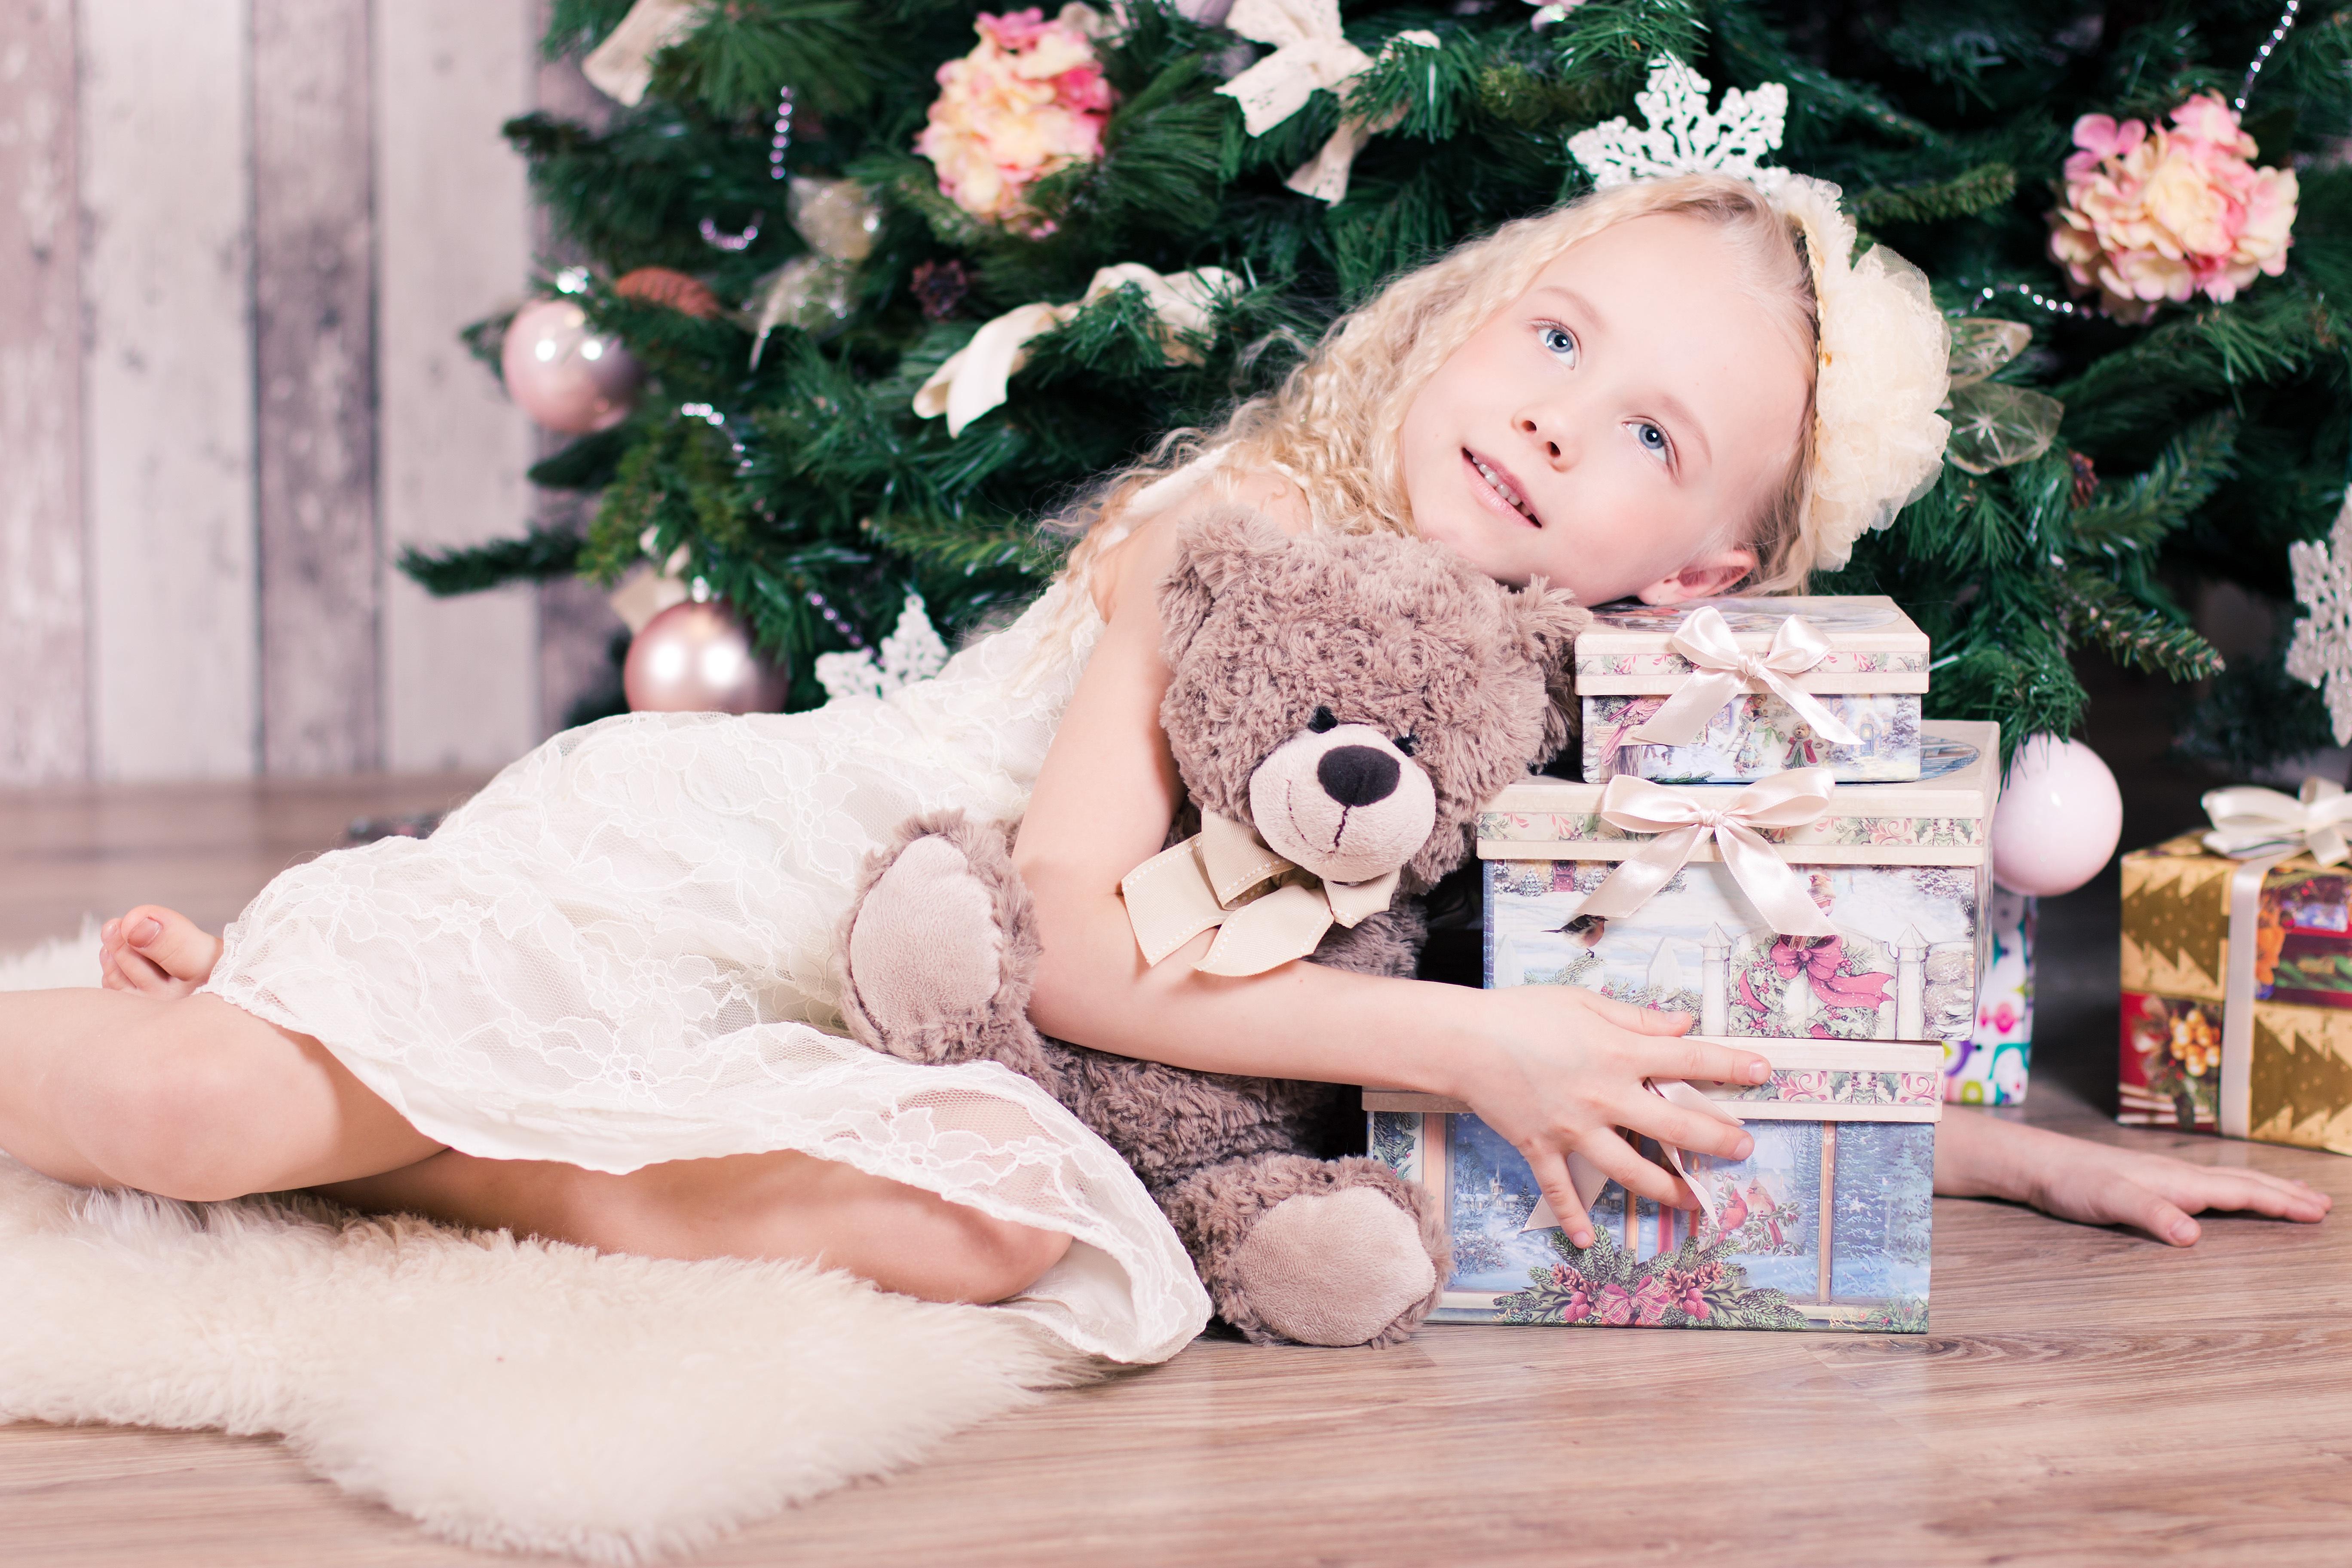 e1d536f7f54de Images Gratuites : la personne, hiver, fille, fleur, ours, cadeau, Jeune,  printemps, vacances, enfant, rose, la mariée, jouet, blond, bébé, arbre de  Noël, ...